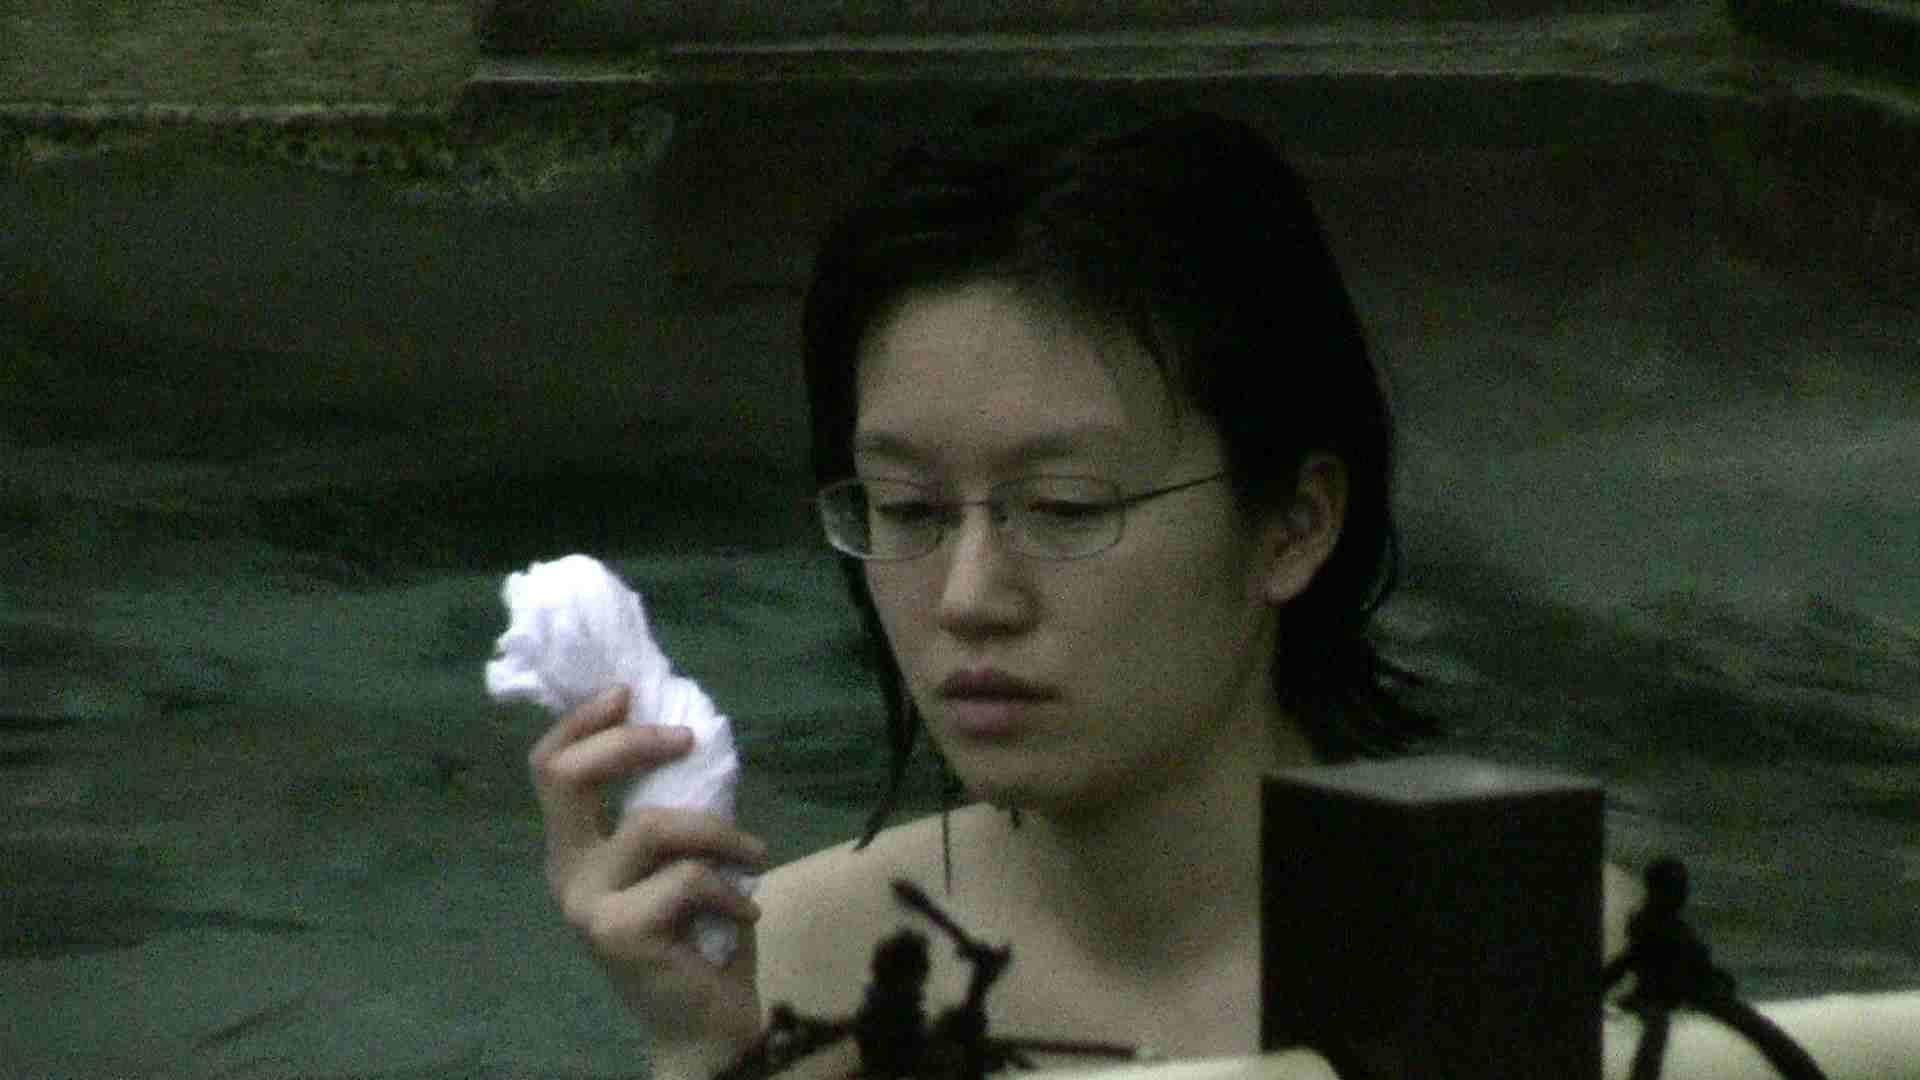 Aquaな露天風呂Vol.684 OLのエロ生活  59連発 18